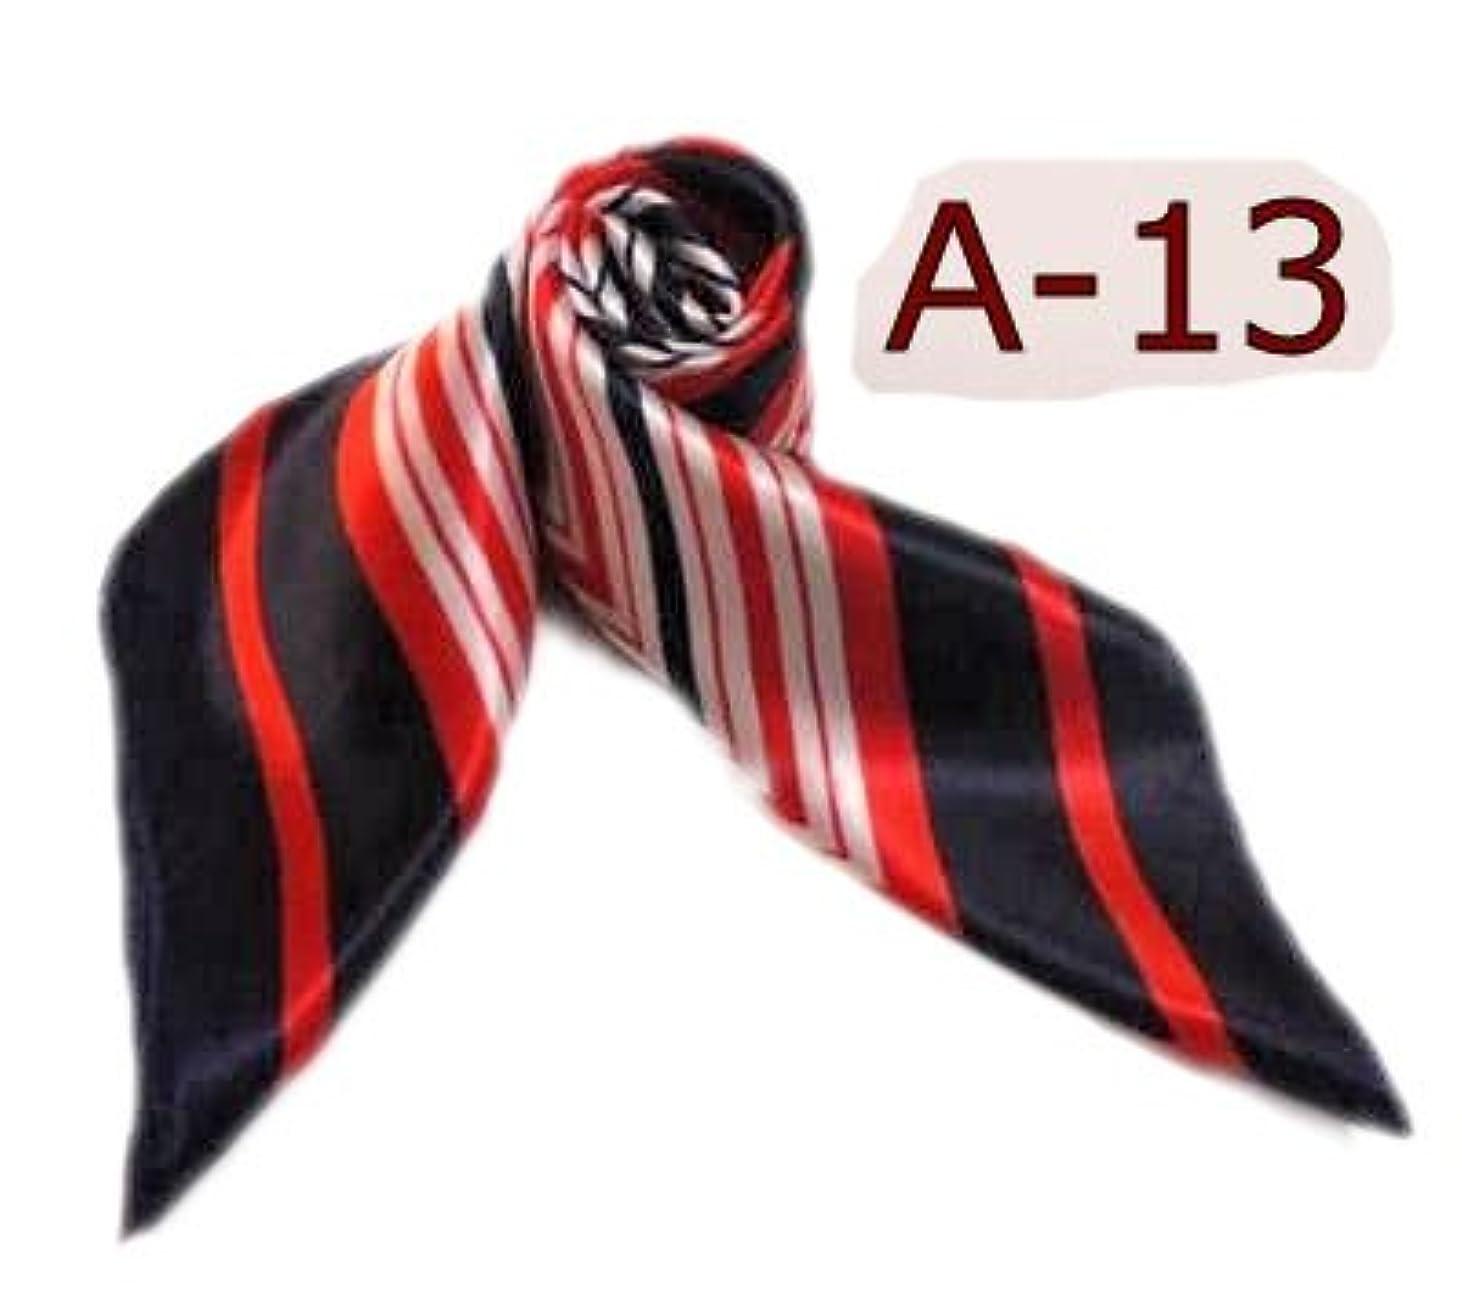 間違いまたはどちらかファンドシルク調スカーフ?企業制服スカーフ?60cm角 2012春 スカーフ(全10色)?中国雑貨 (A-13)